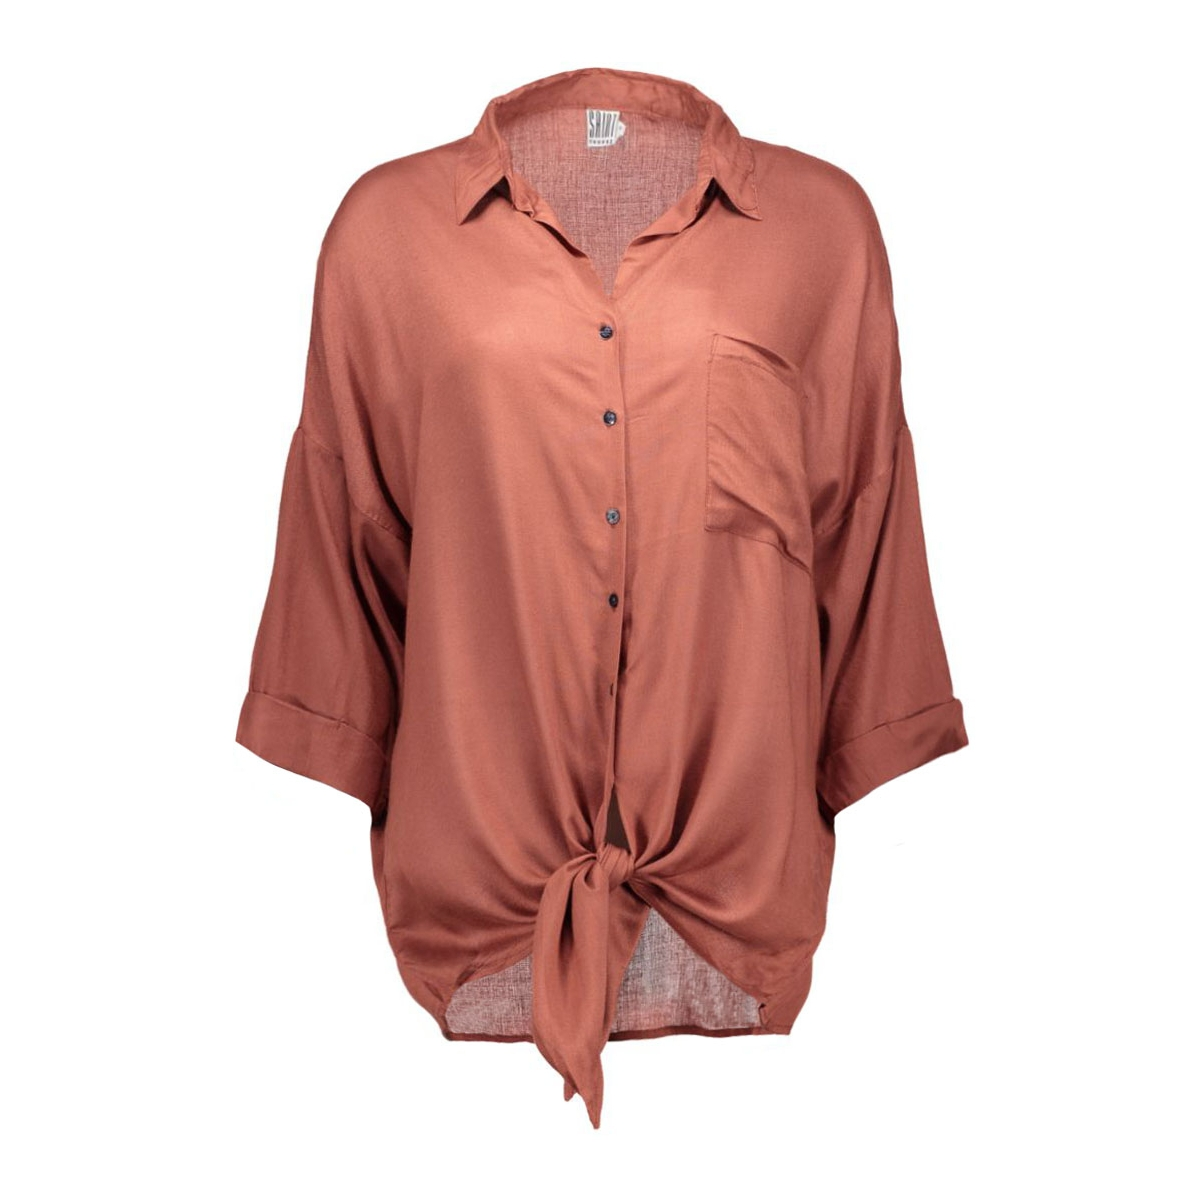 p1146 saint tropez blouse 7284